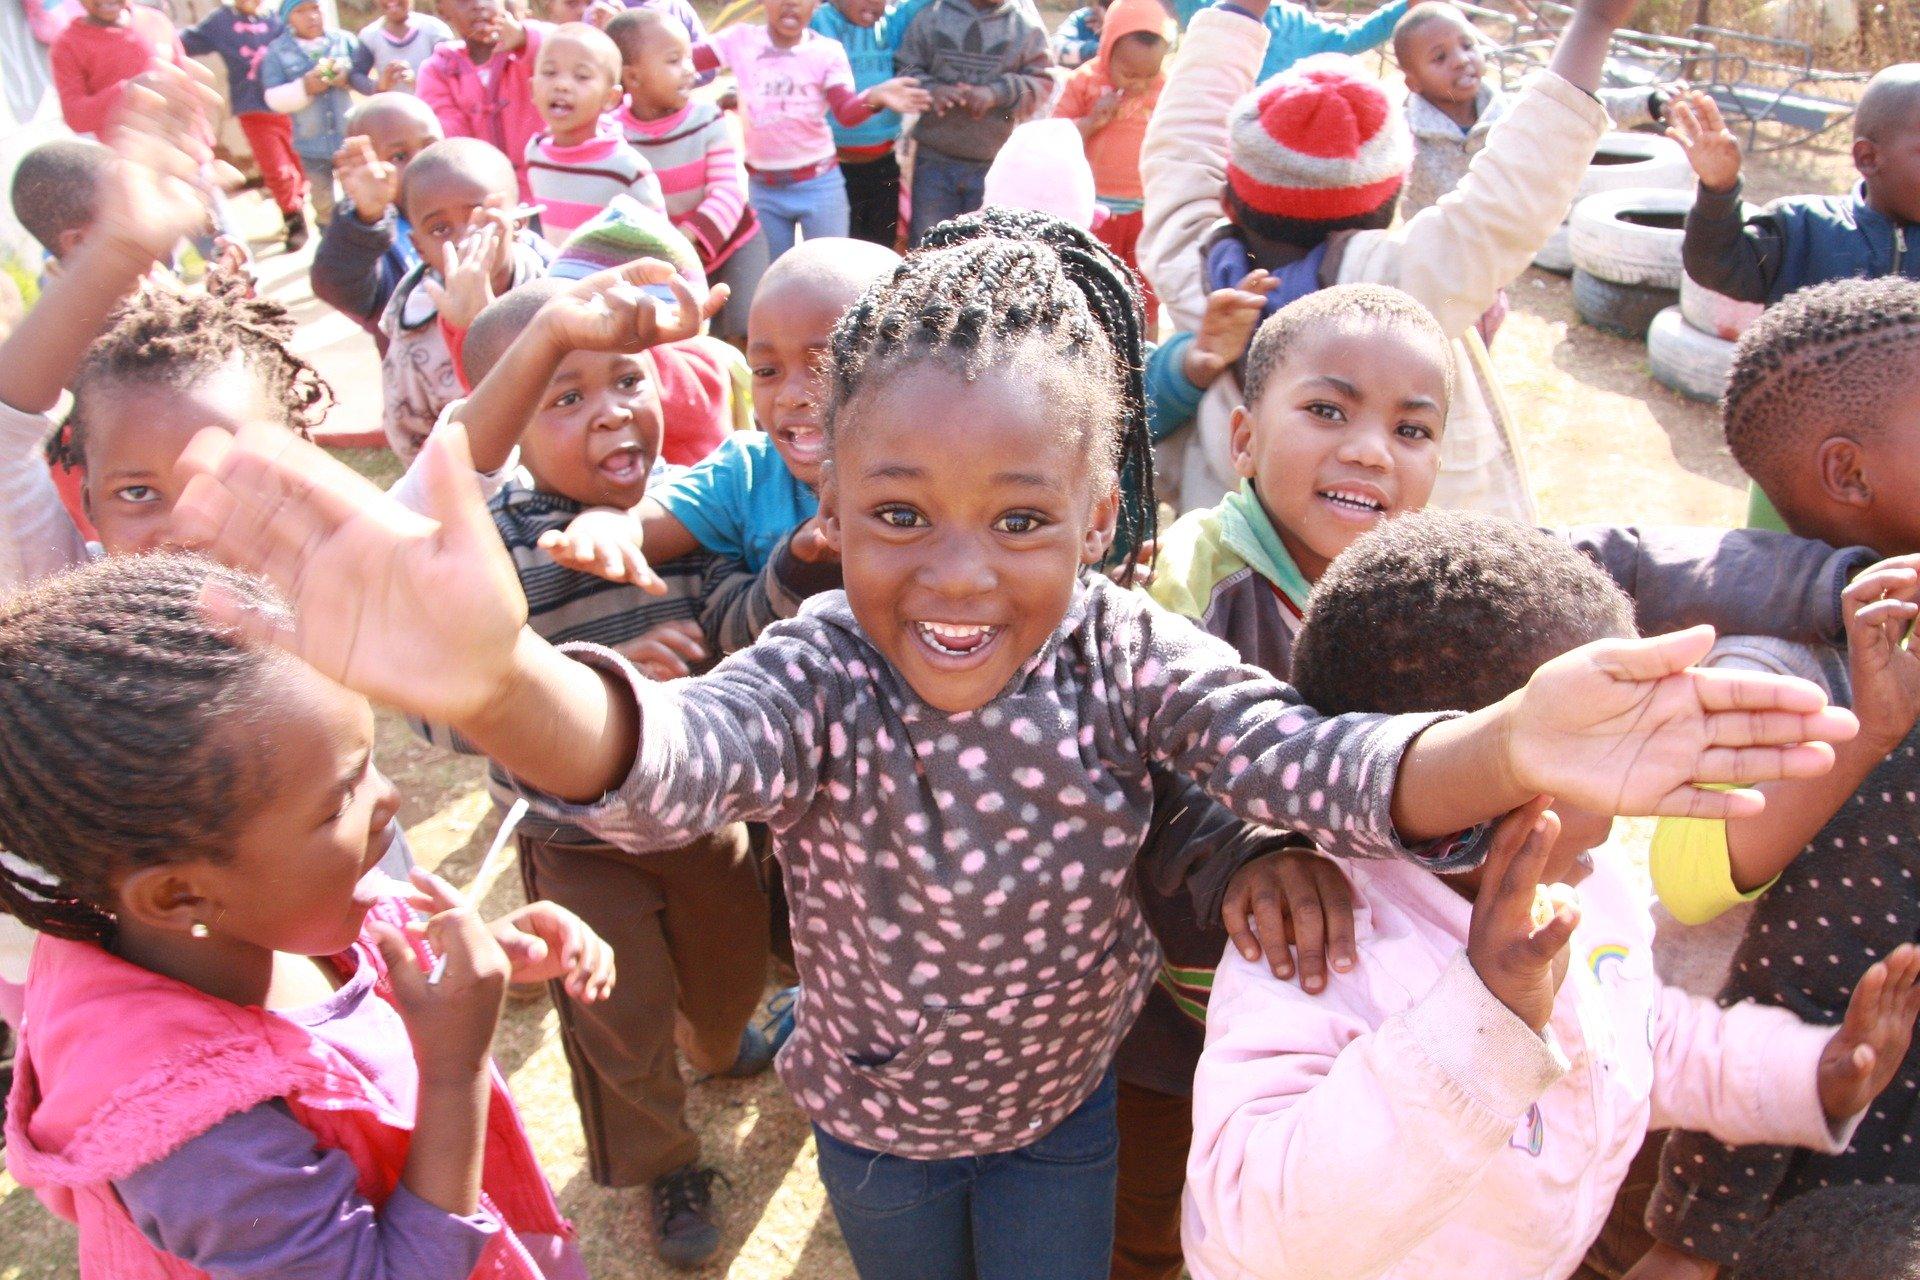 Festive season in Soweto, Children Excited